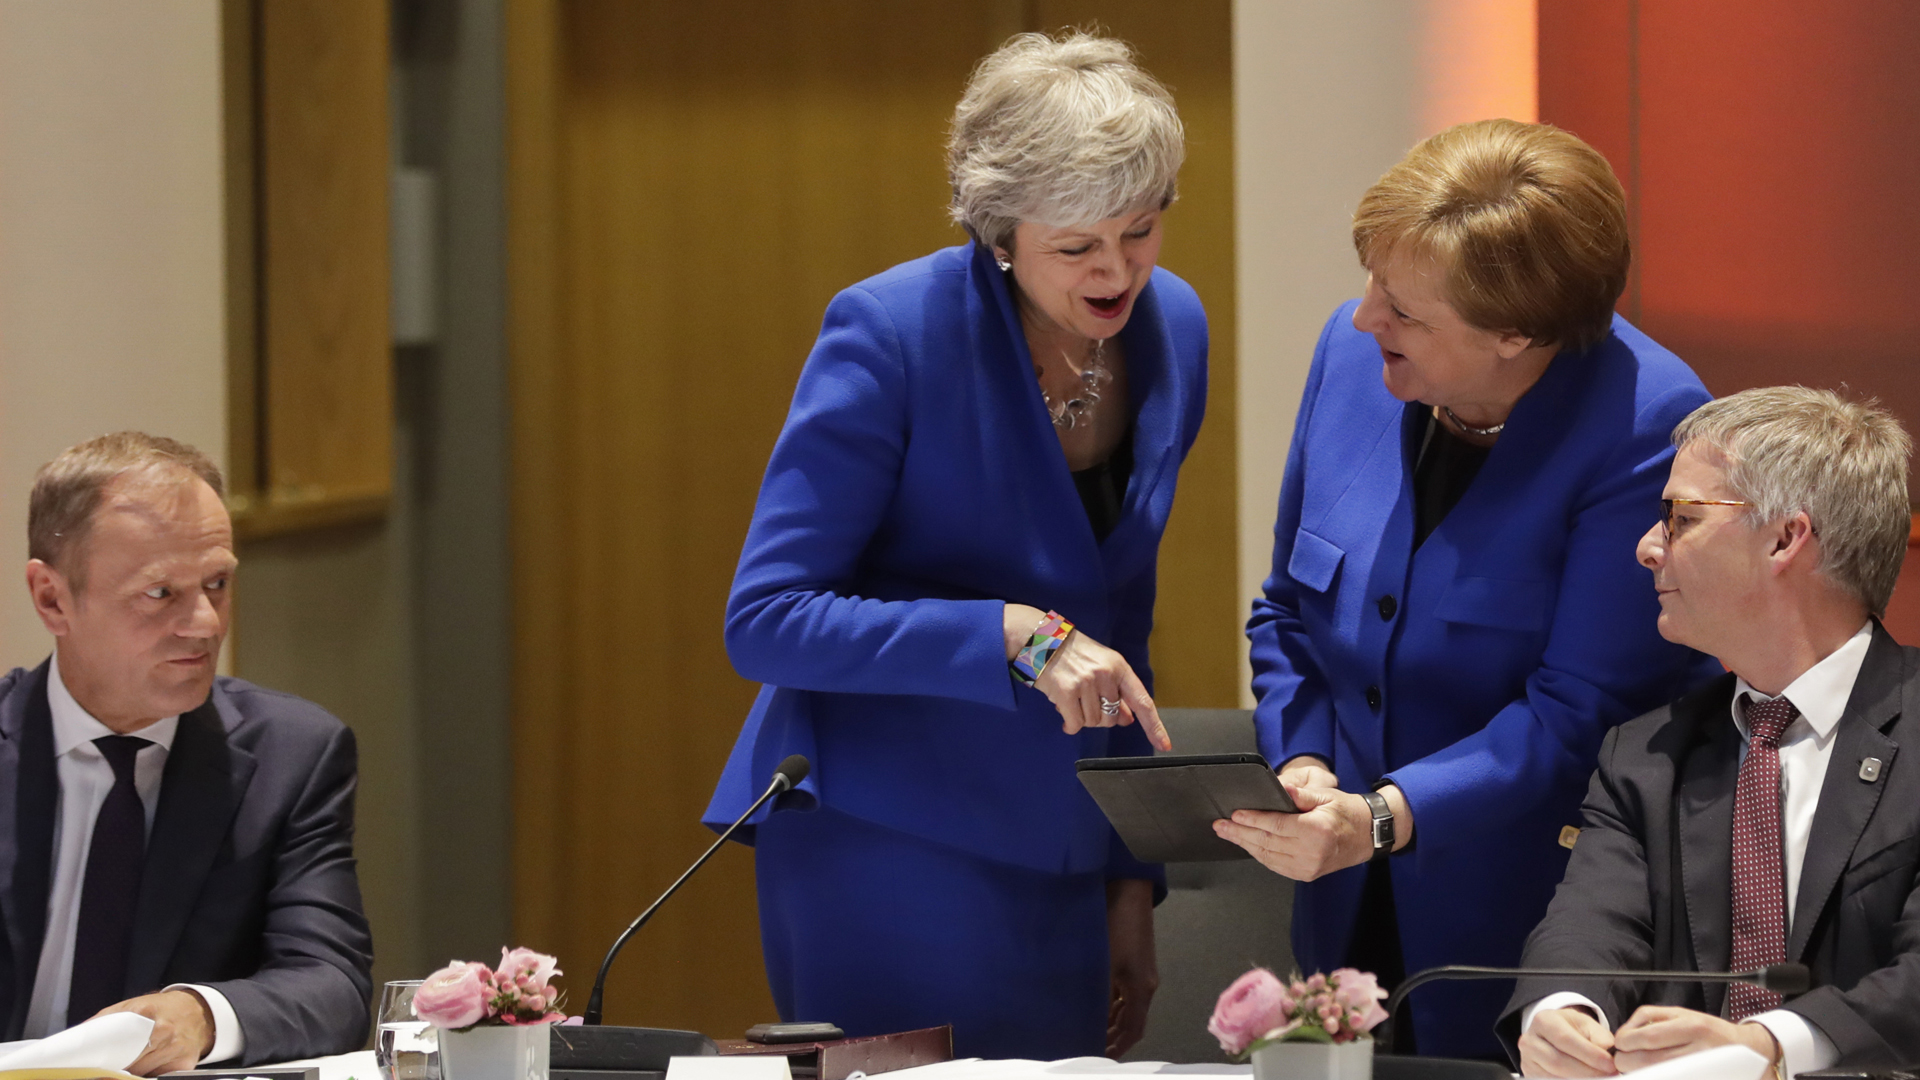 EU summitt Brexit 041019 AP_1554938920678